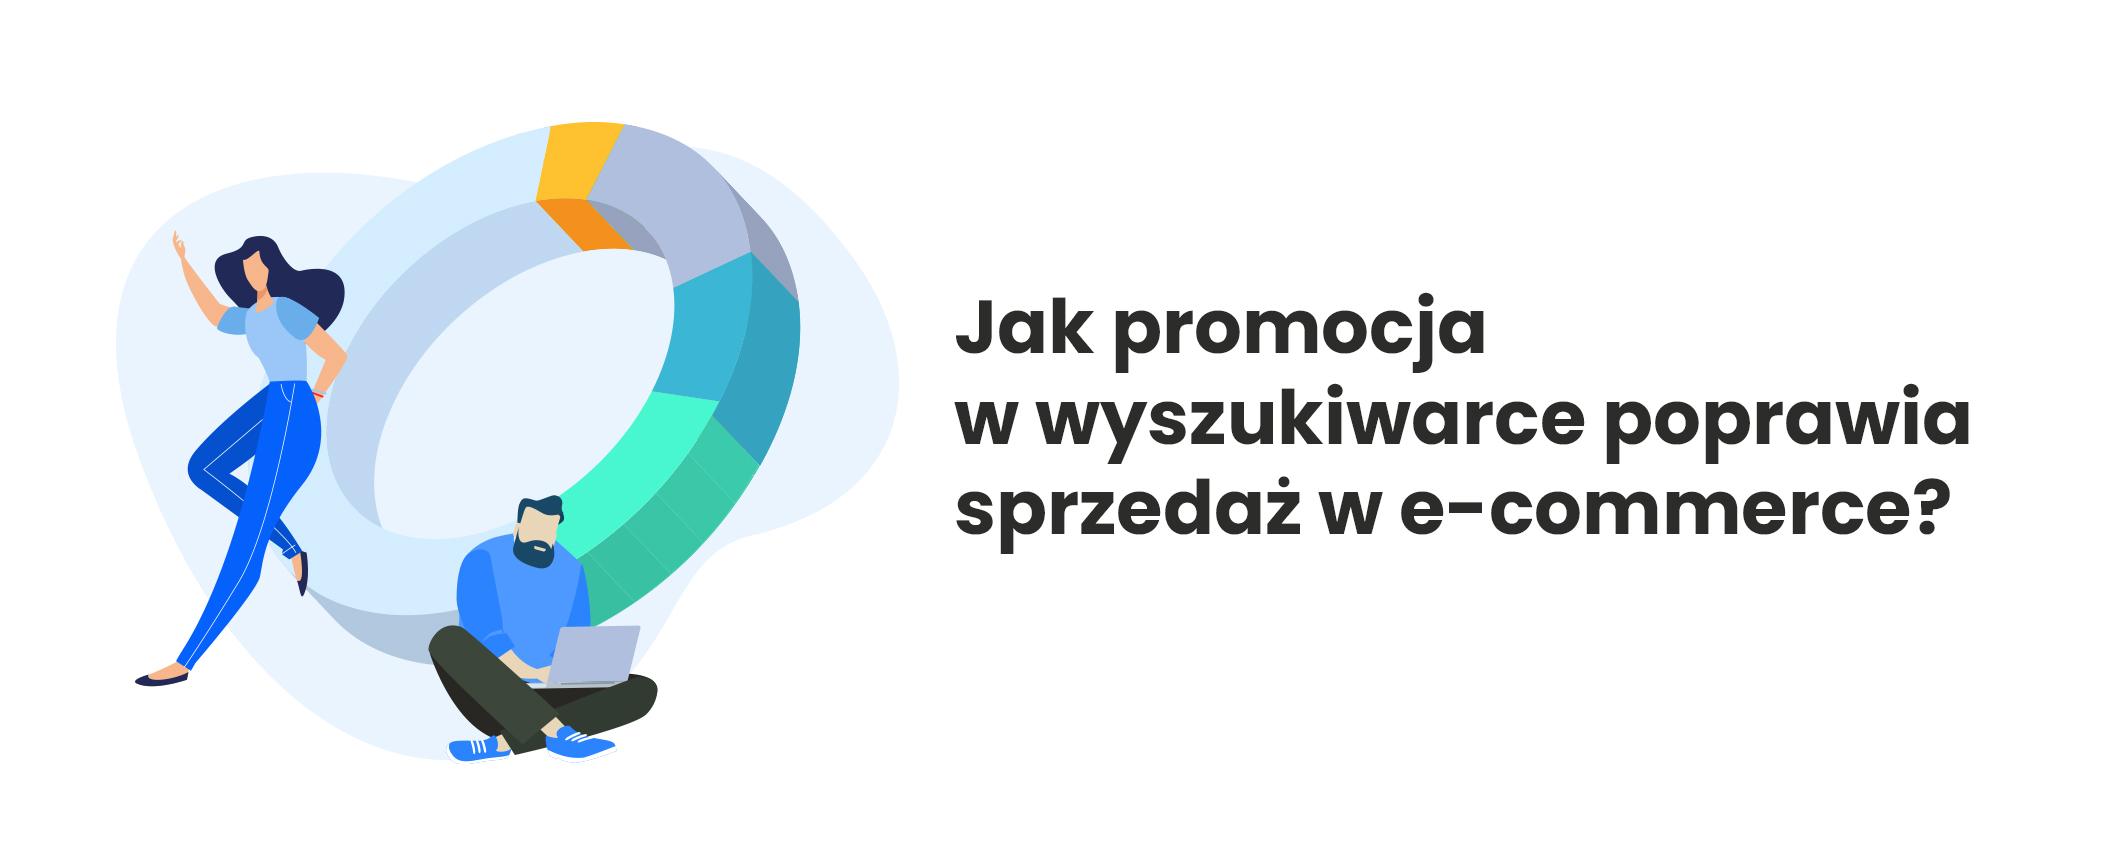 promocja w wyszukiwarce